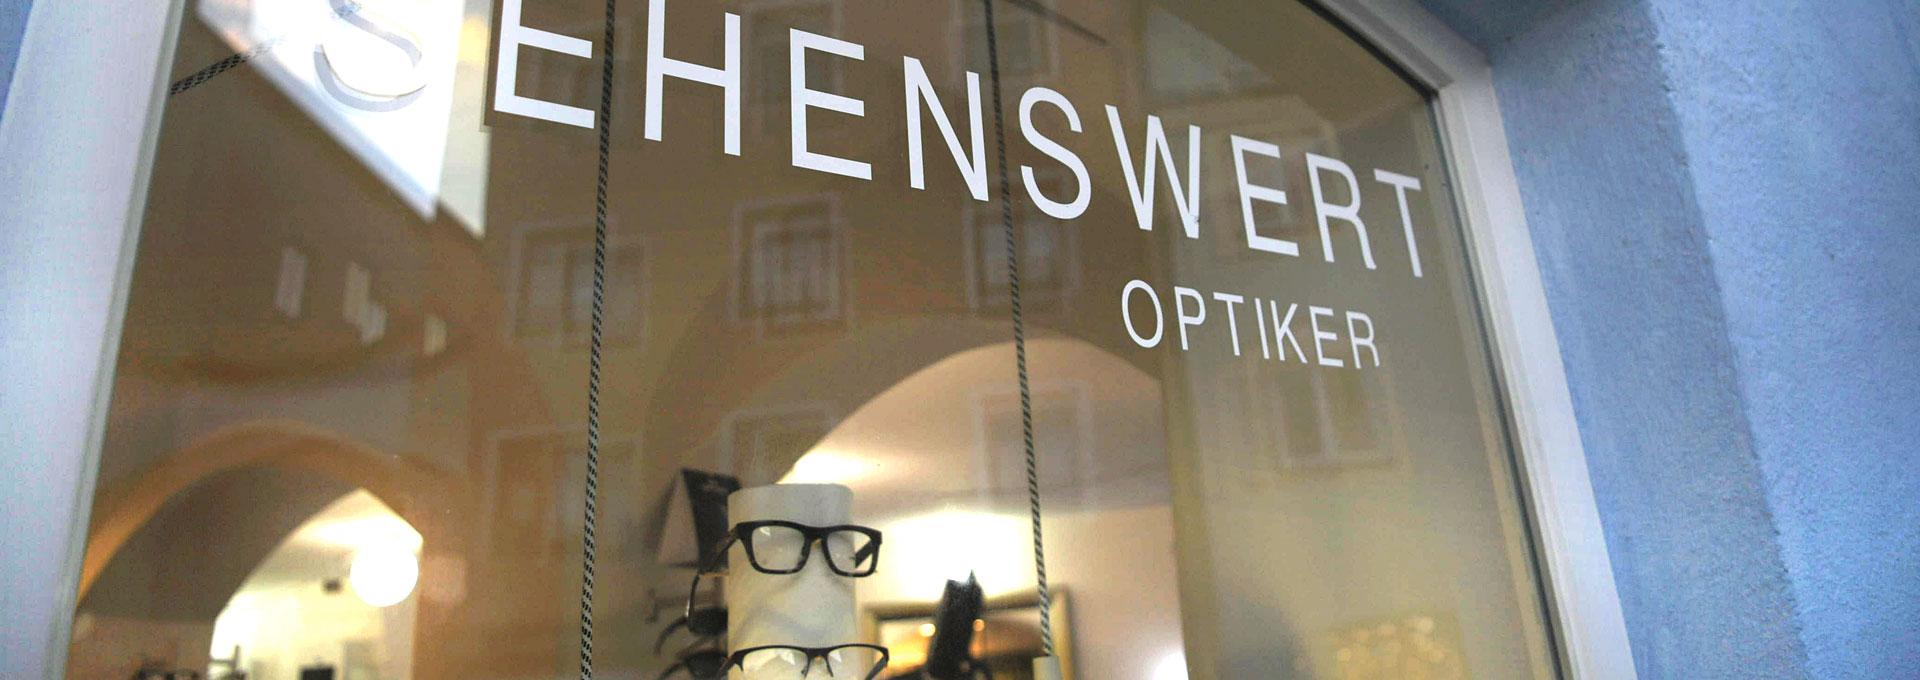 sehenswert-optiker-wasserburg-marken-neuigkeiten-header